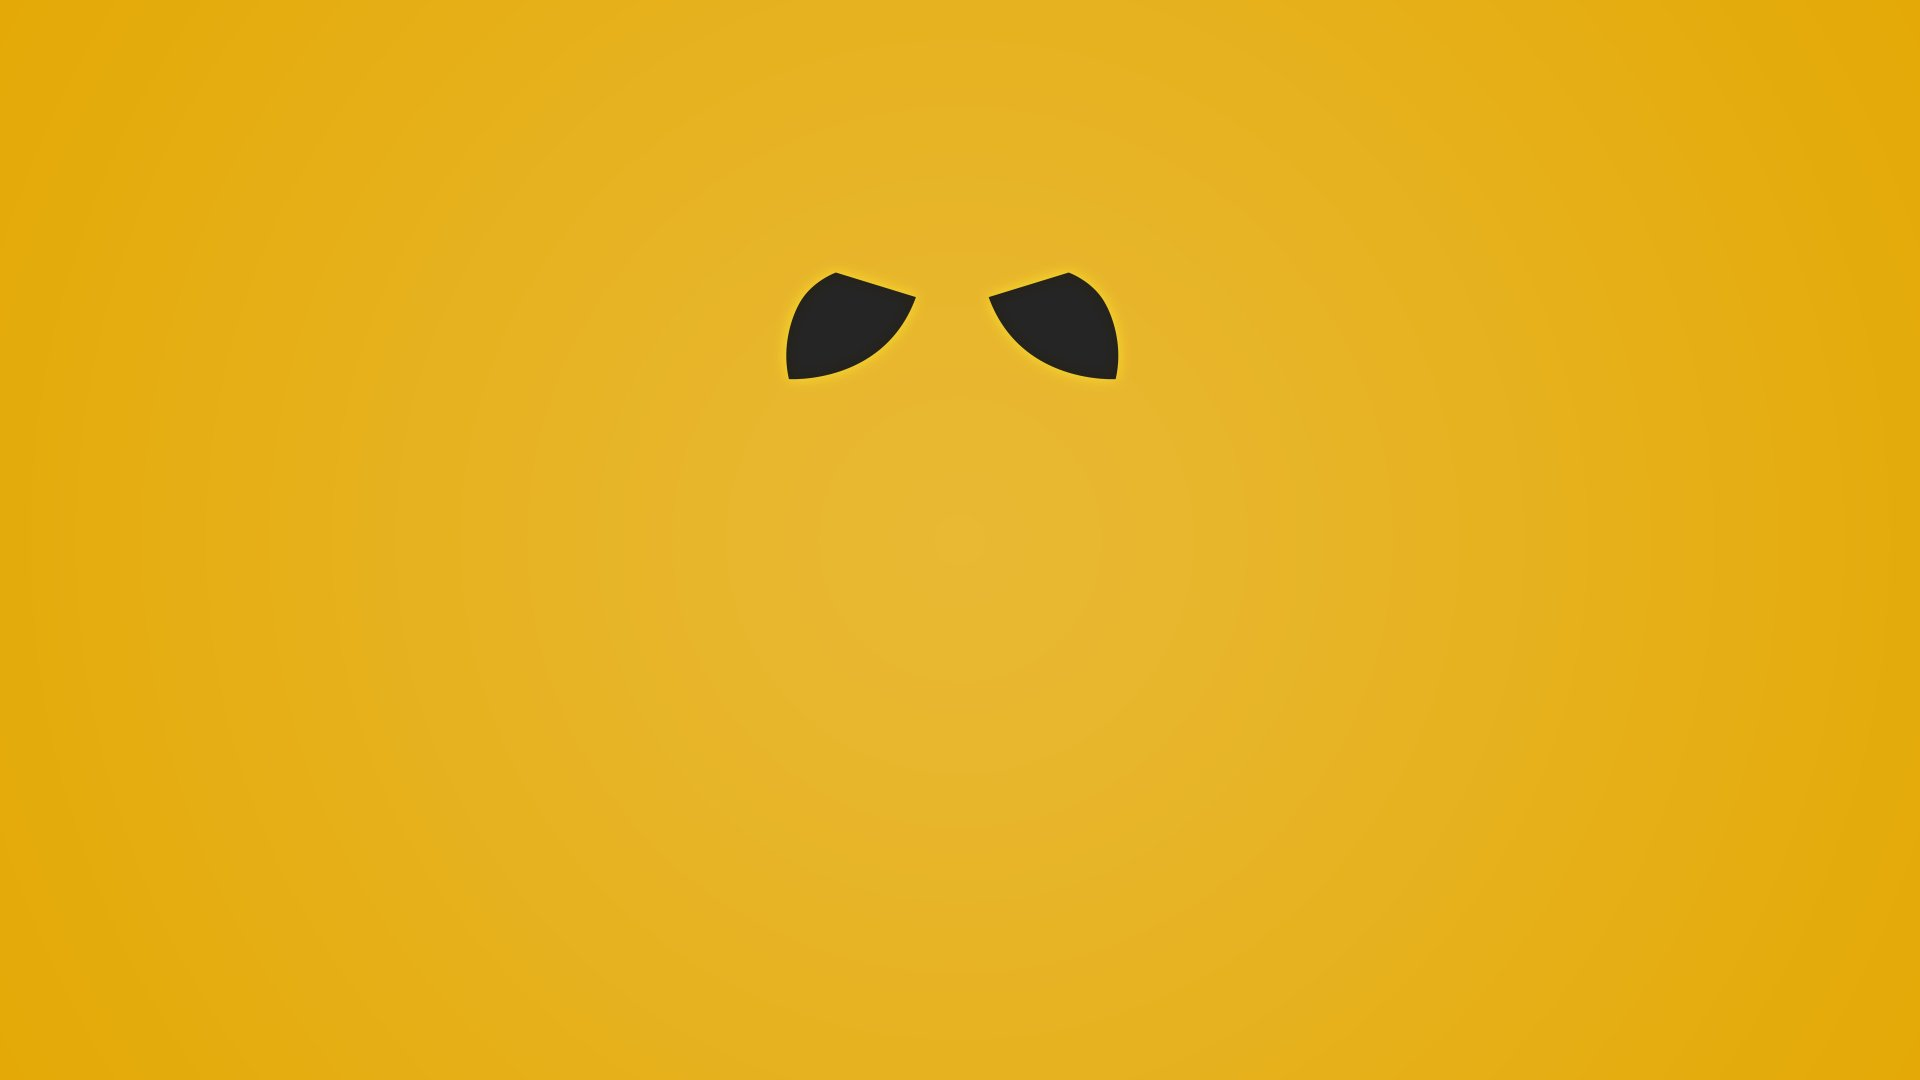 电子游戏 - 彩虹六号:围攻  Minimalist Blackbeard (Tom Clancy's Rainbow Six: Siege) 眼睛 Yellow 壁纸